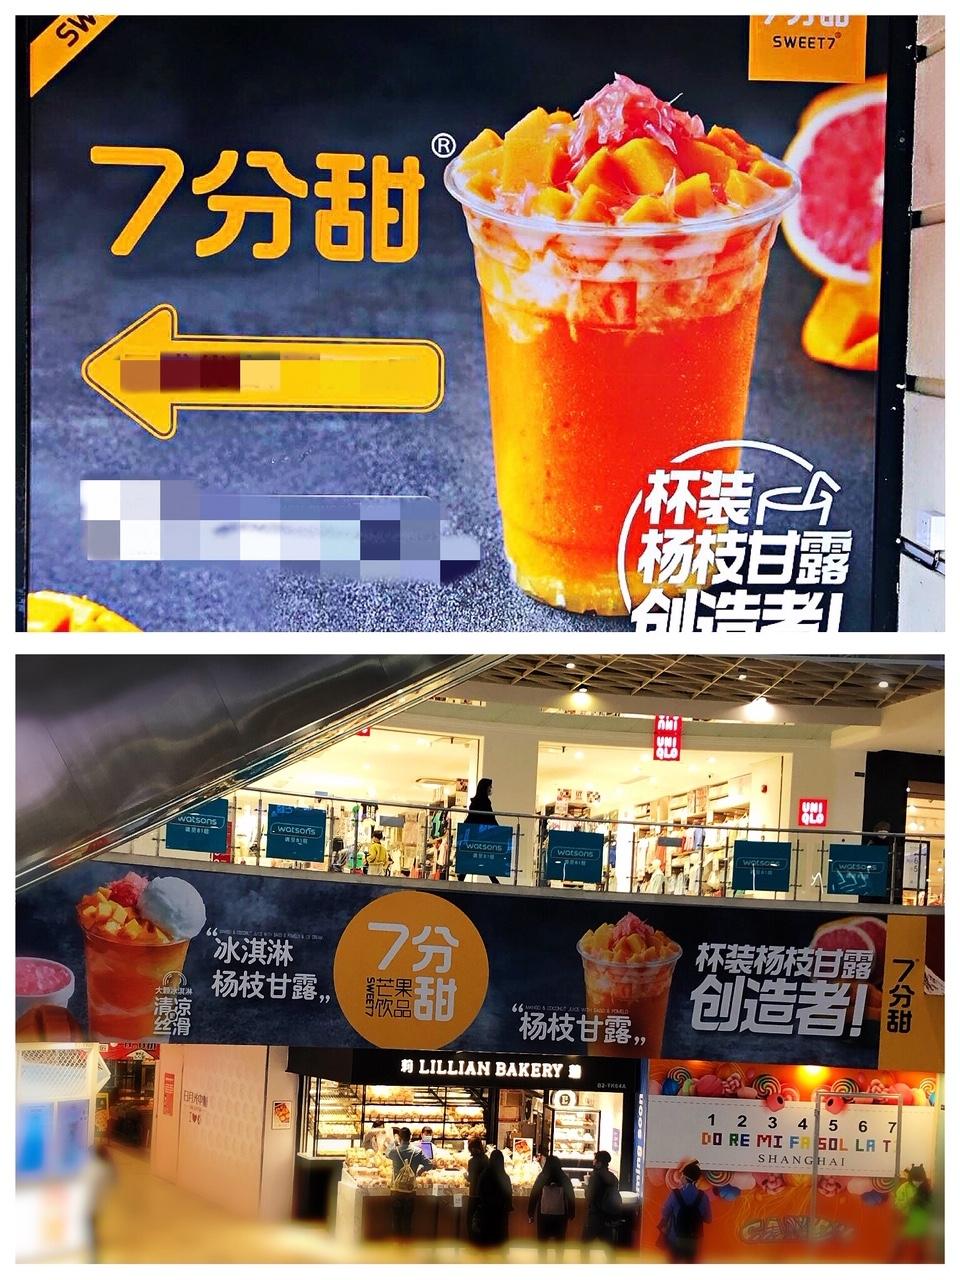 上海•マンゴーがたっぷり入った楊枝甘露の看板が目印の「7分甜」